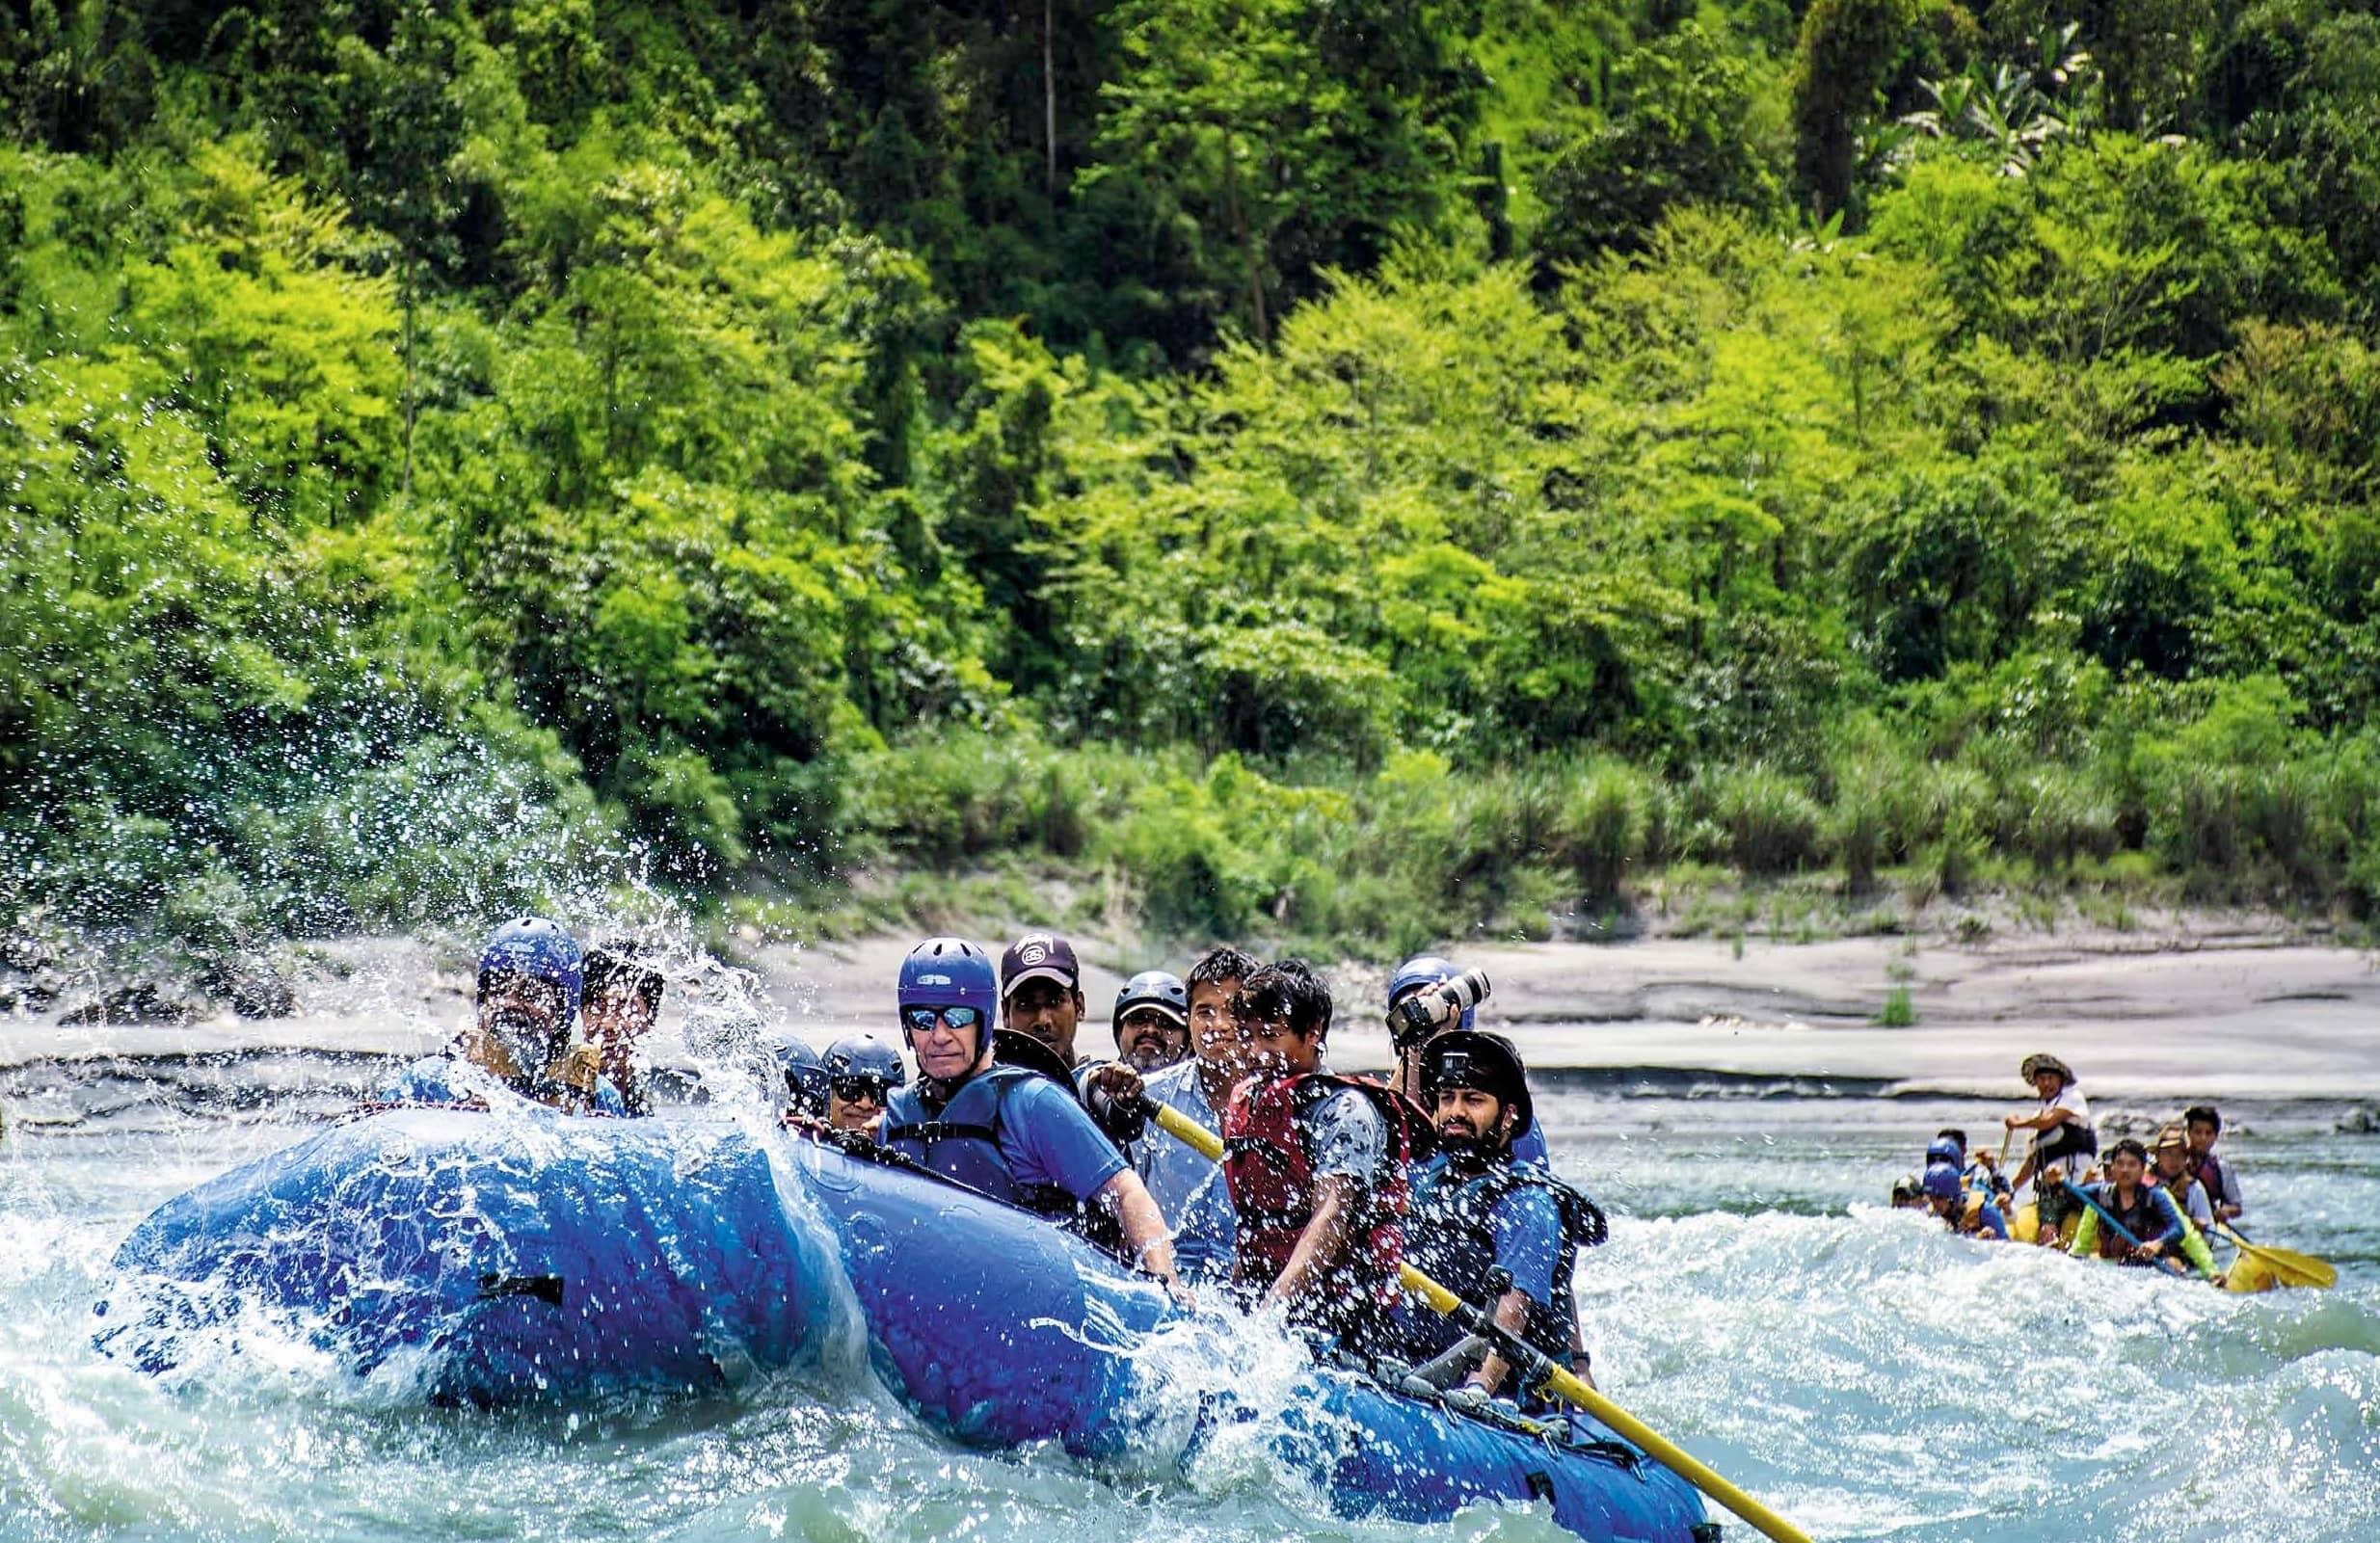 Arunachal Pradesh - The River Rush